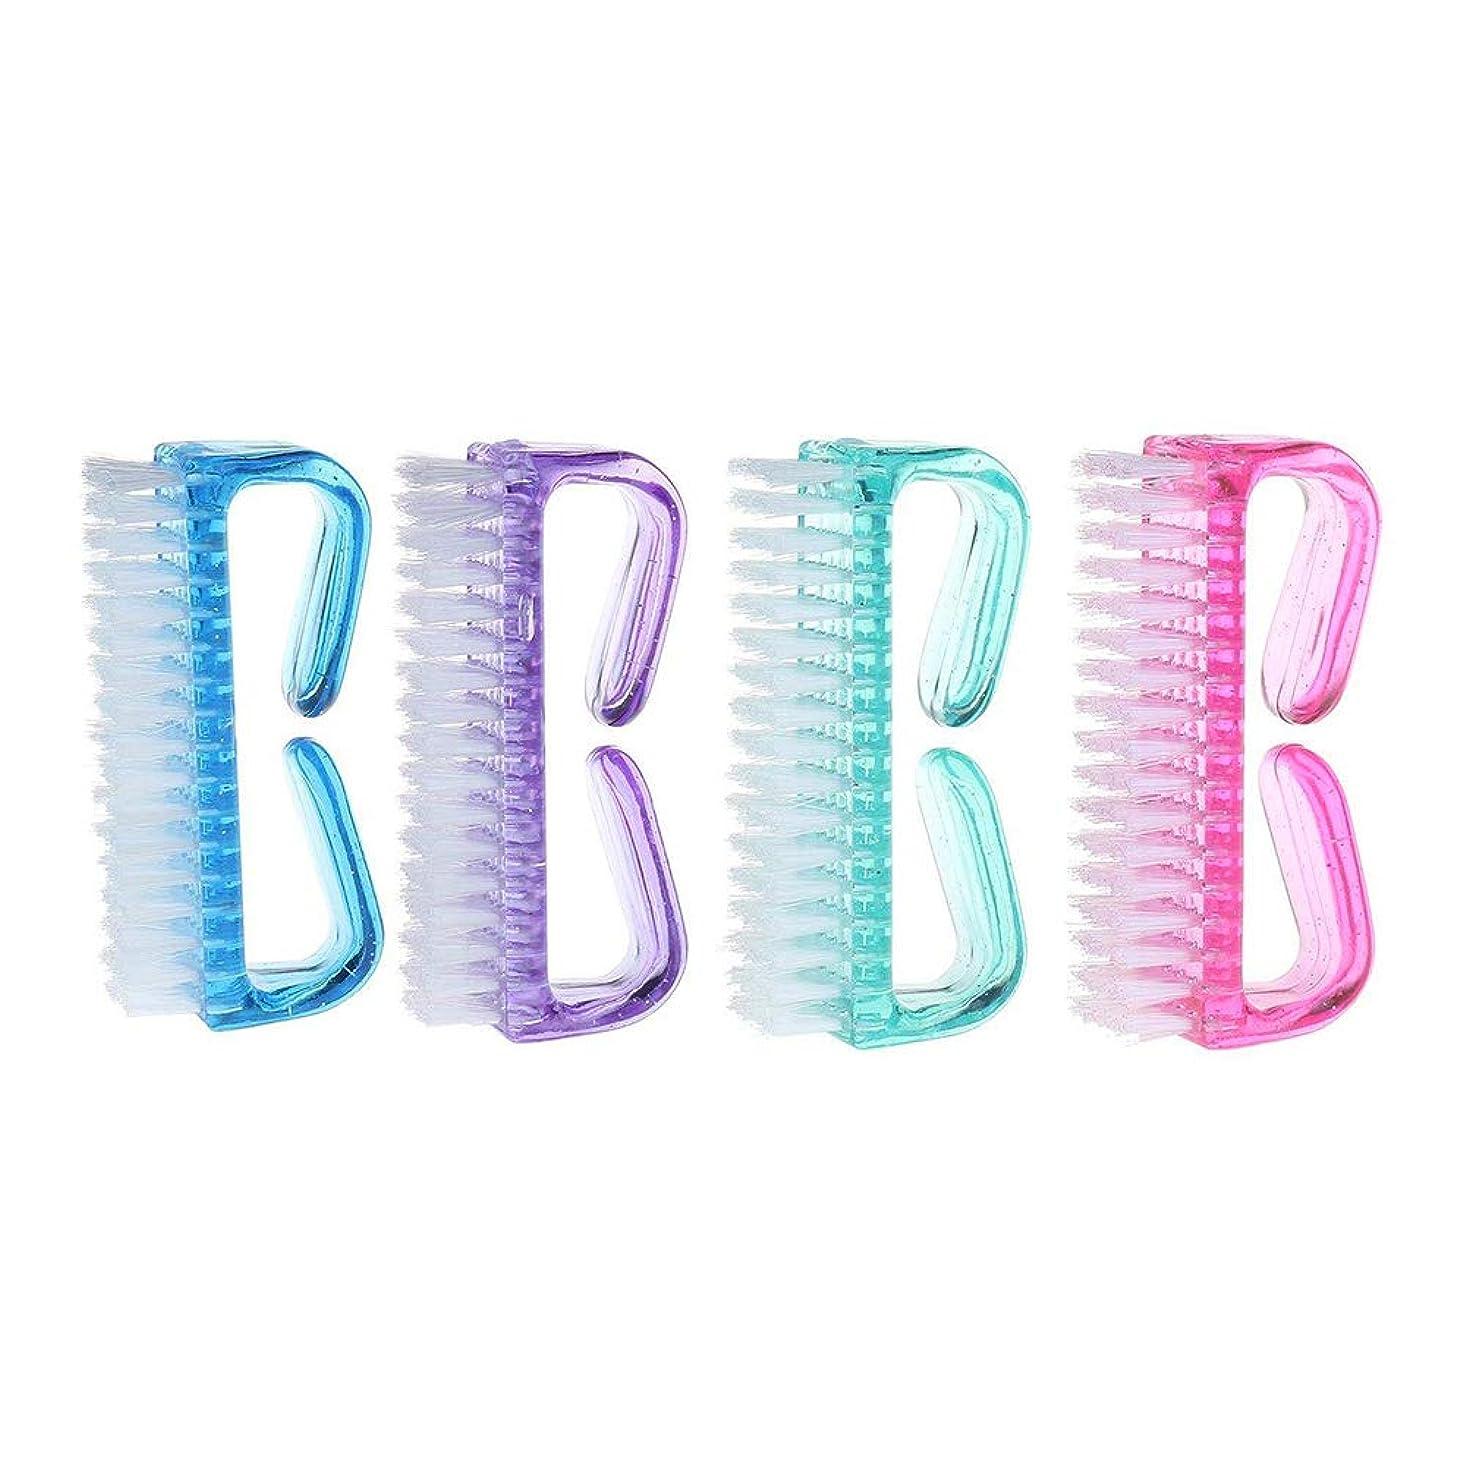 バンガローバイオリニストリネン【Pinacis】 爪ブラシ ネイル用ブラシ 万能 除菌 爪の間の汚れを落とす ABSプラ製 全4色 4個セット ピンク グリーン